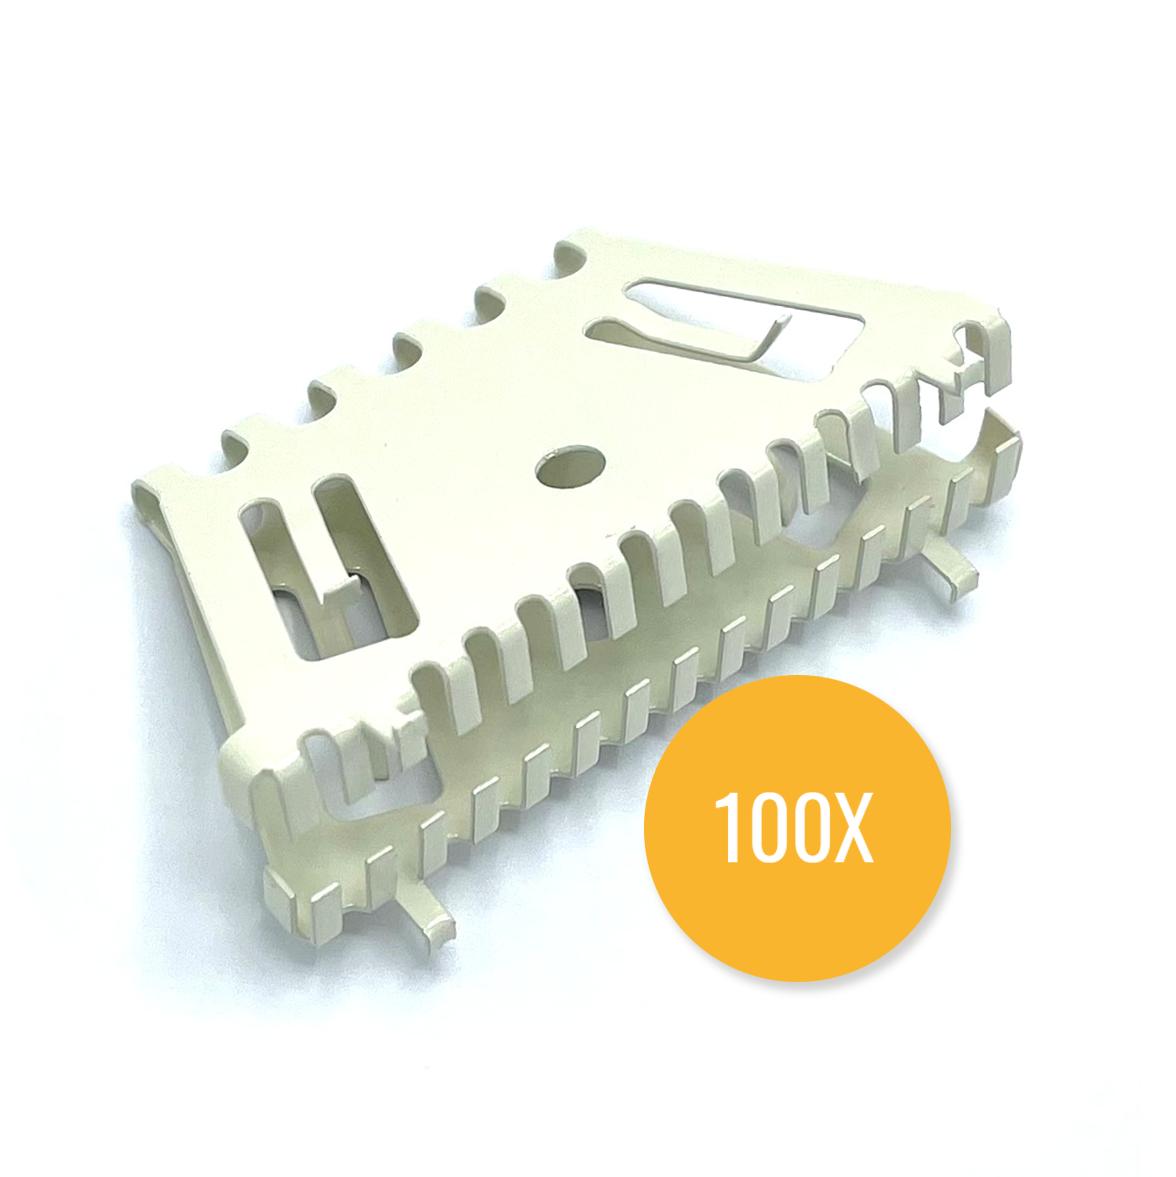 Bijenbekje 70mm RAL 1013 Parel wit (Set van 100 stuks) Stootvoegrooster